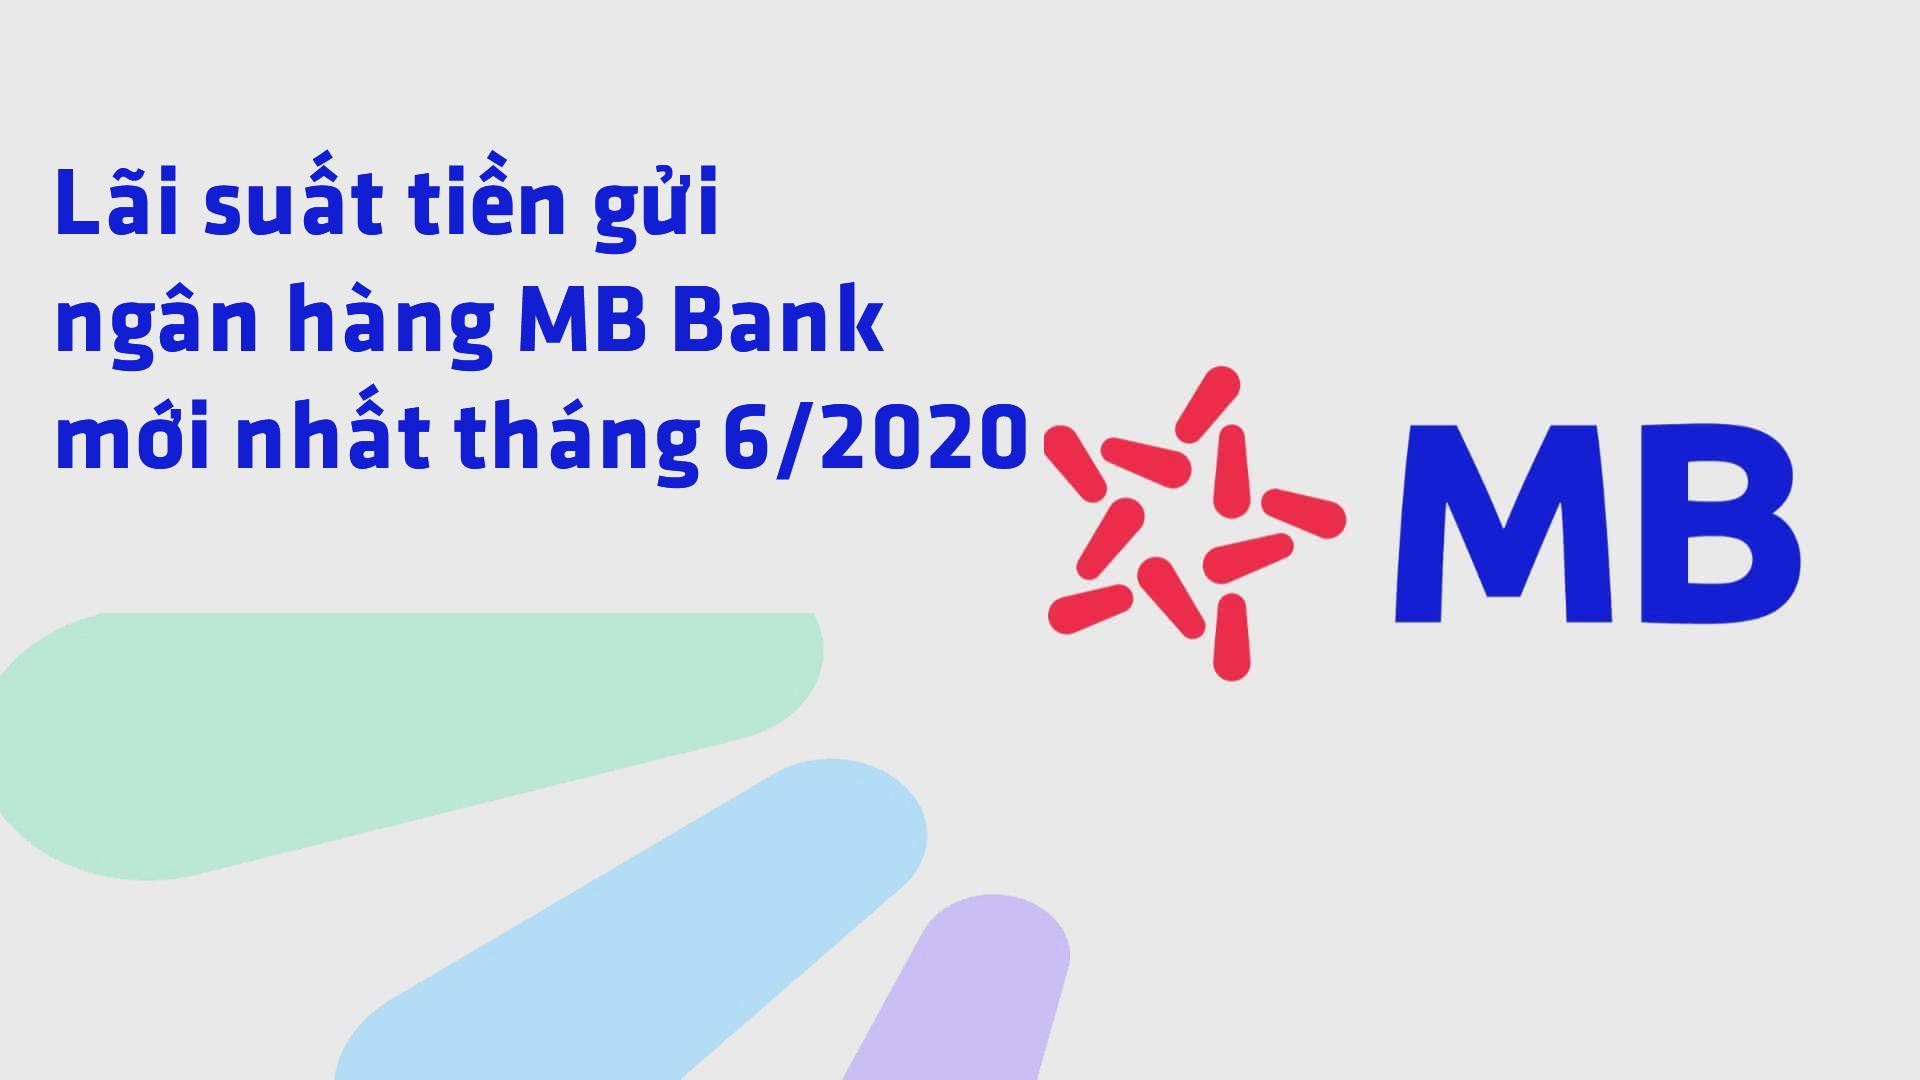 lai-suat-tien-gui-mb-bank